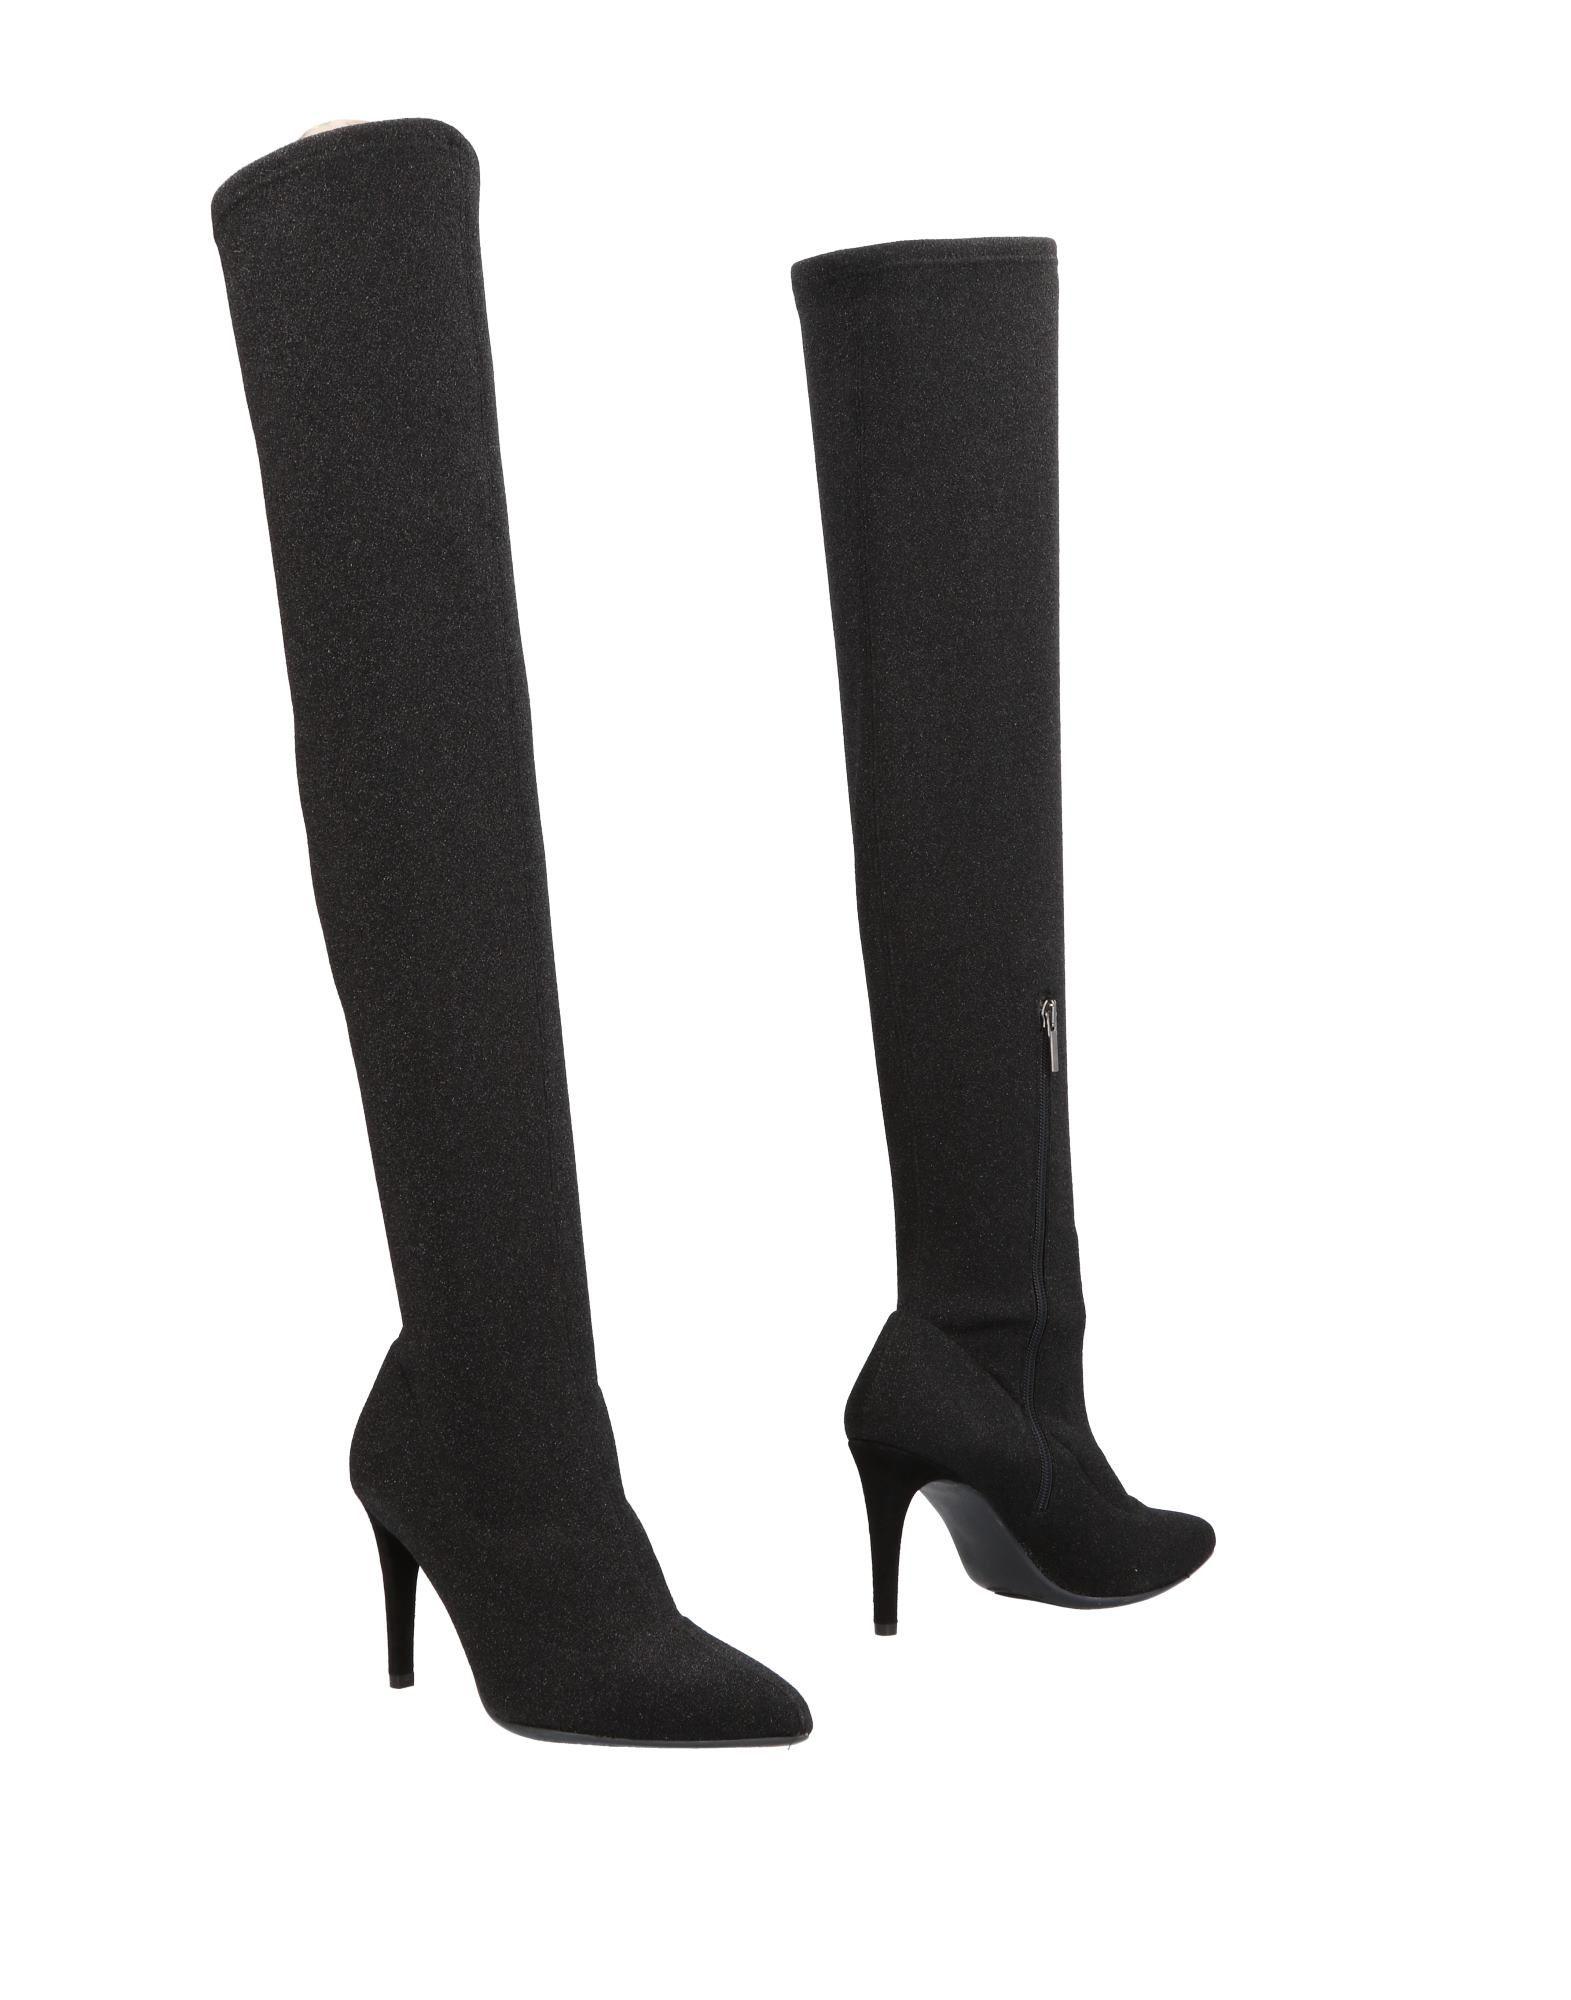 《送料無料》DANIELE ANCARANI レディース ブーツ ブラック 38 紡績繊維